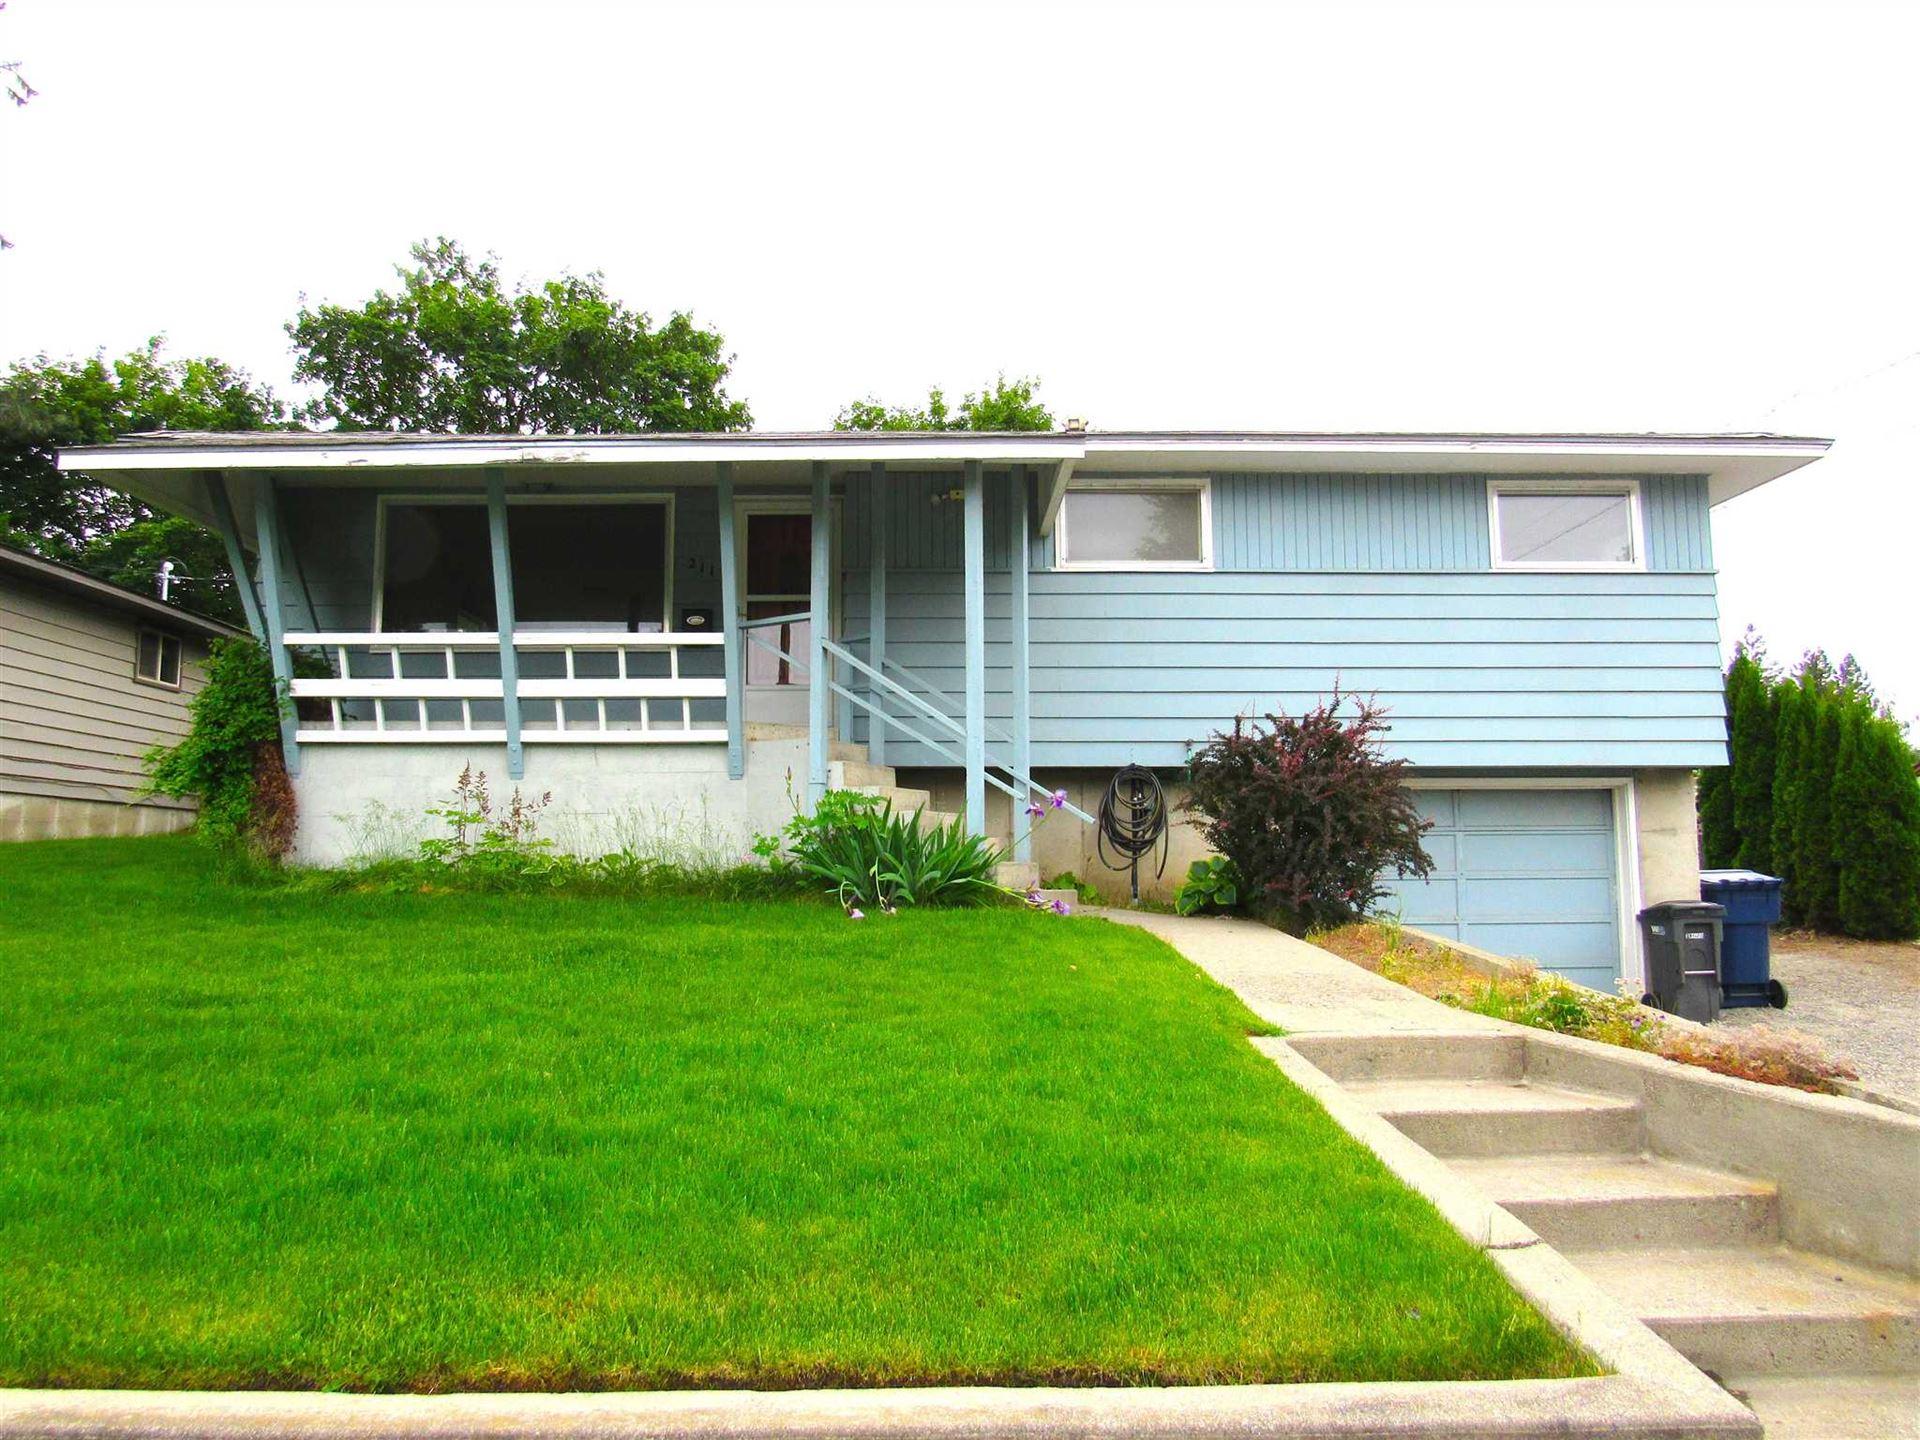 211 W Lyons Ave, Spokane, WA 99208 - #: 202116872